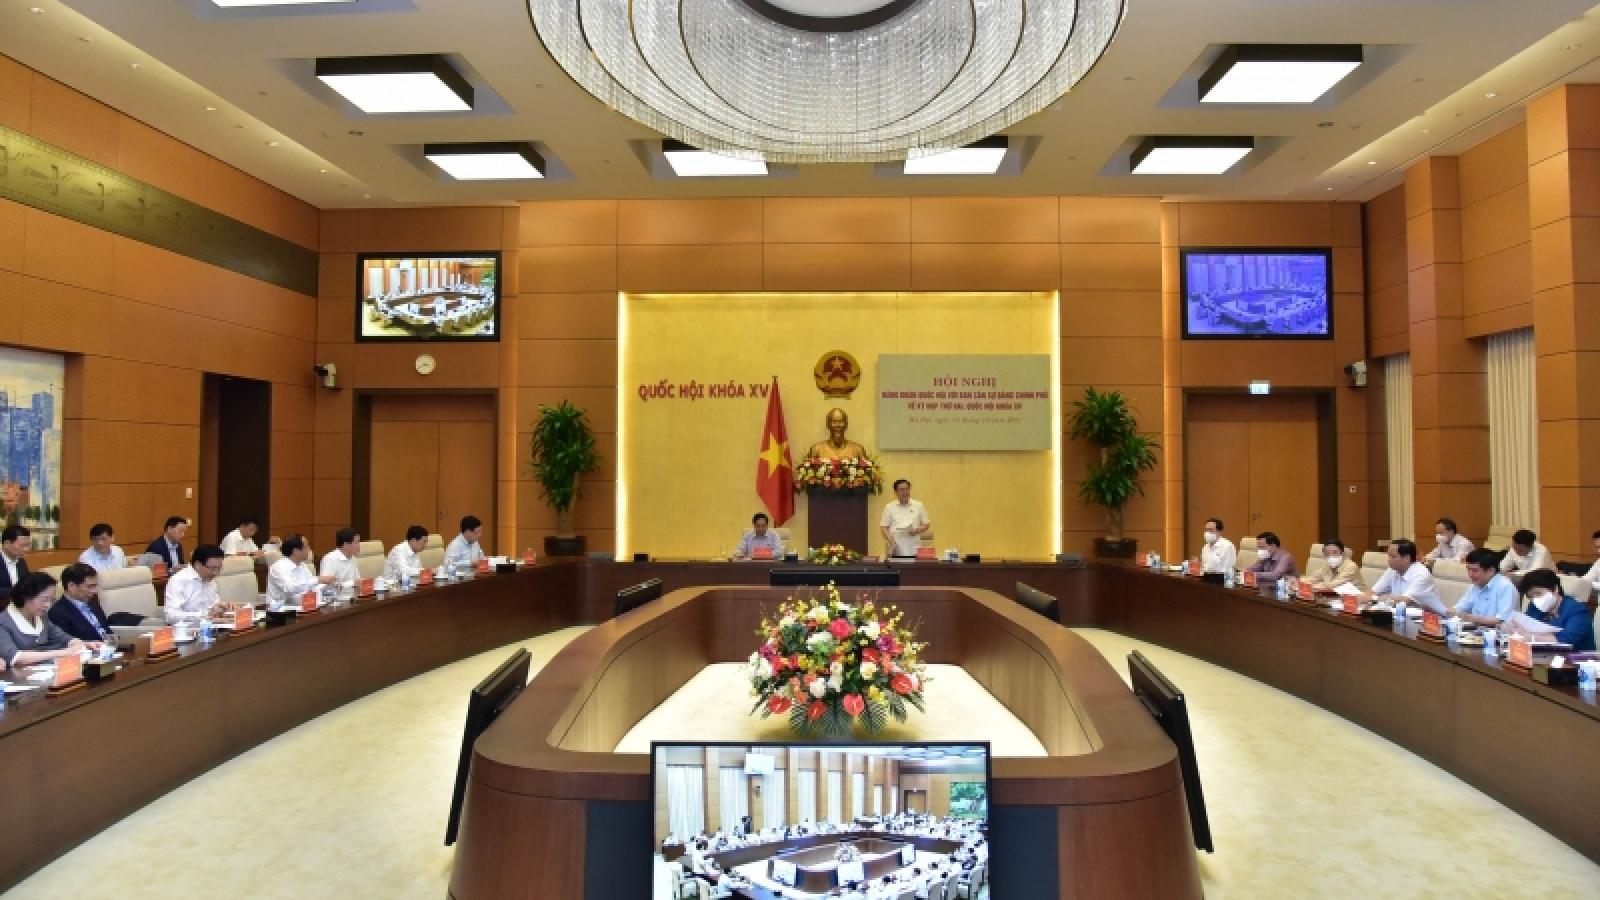 Kỳ họp thứ Hai, Quốc hội khóa XV được chuẩn bị kỹ lưỡng, đồng thuận cao